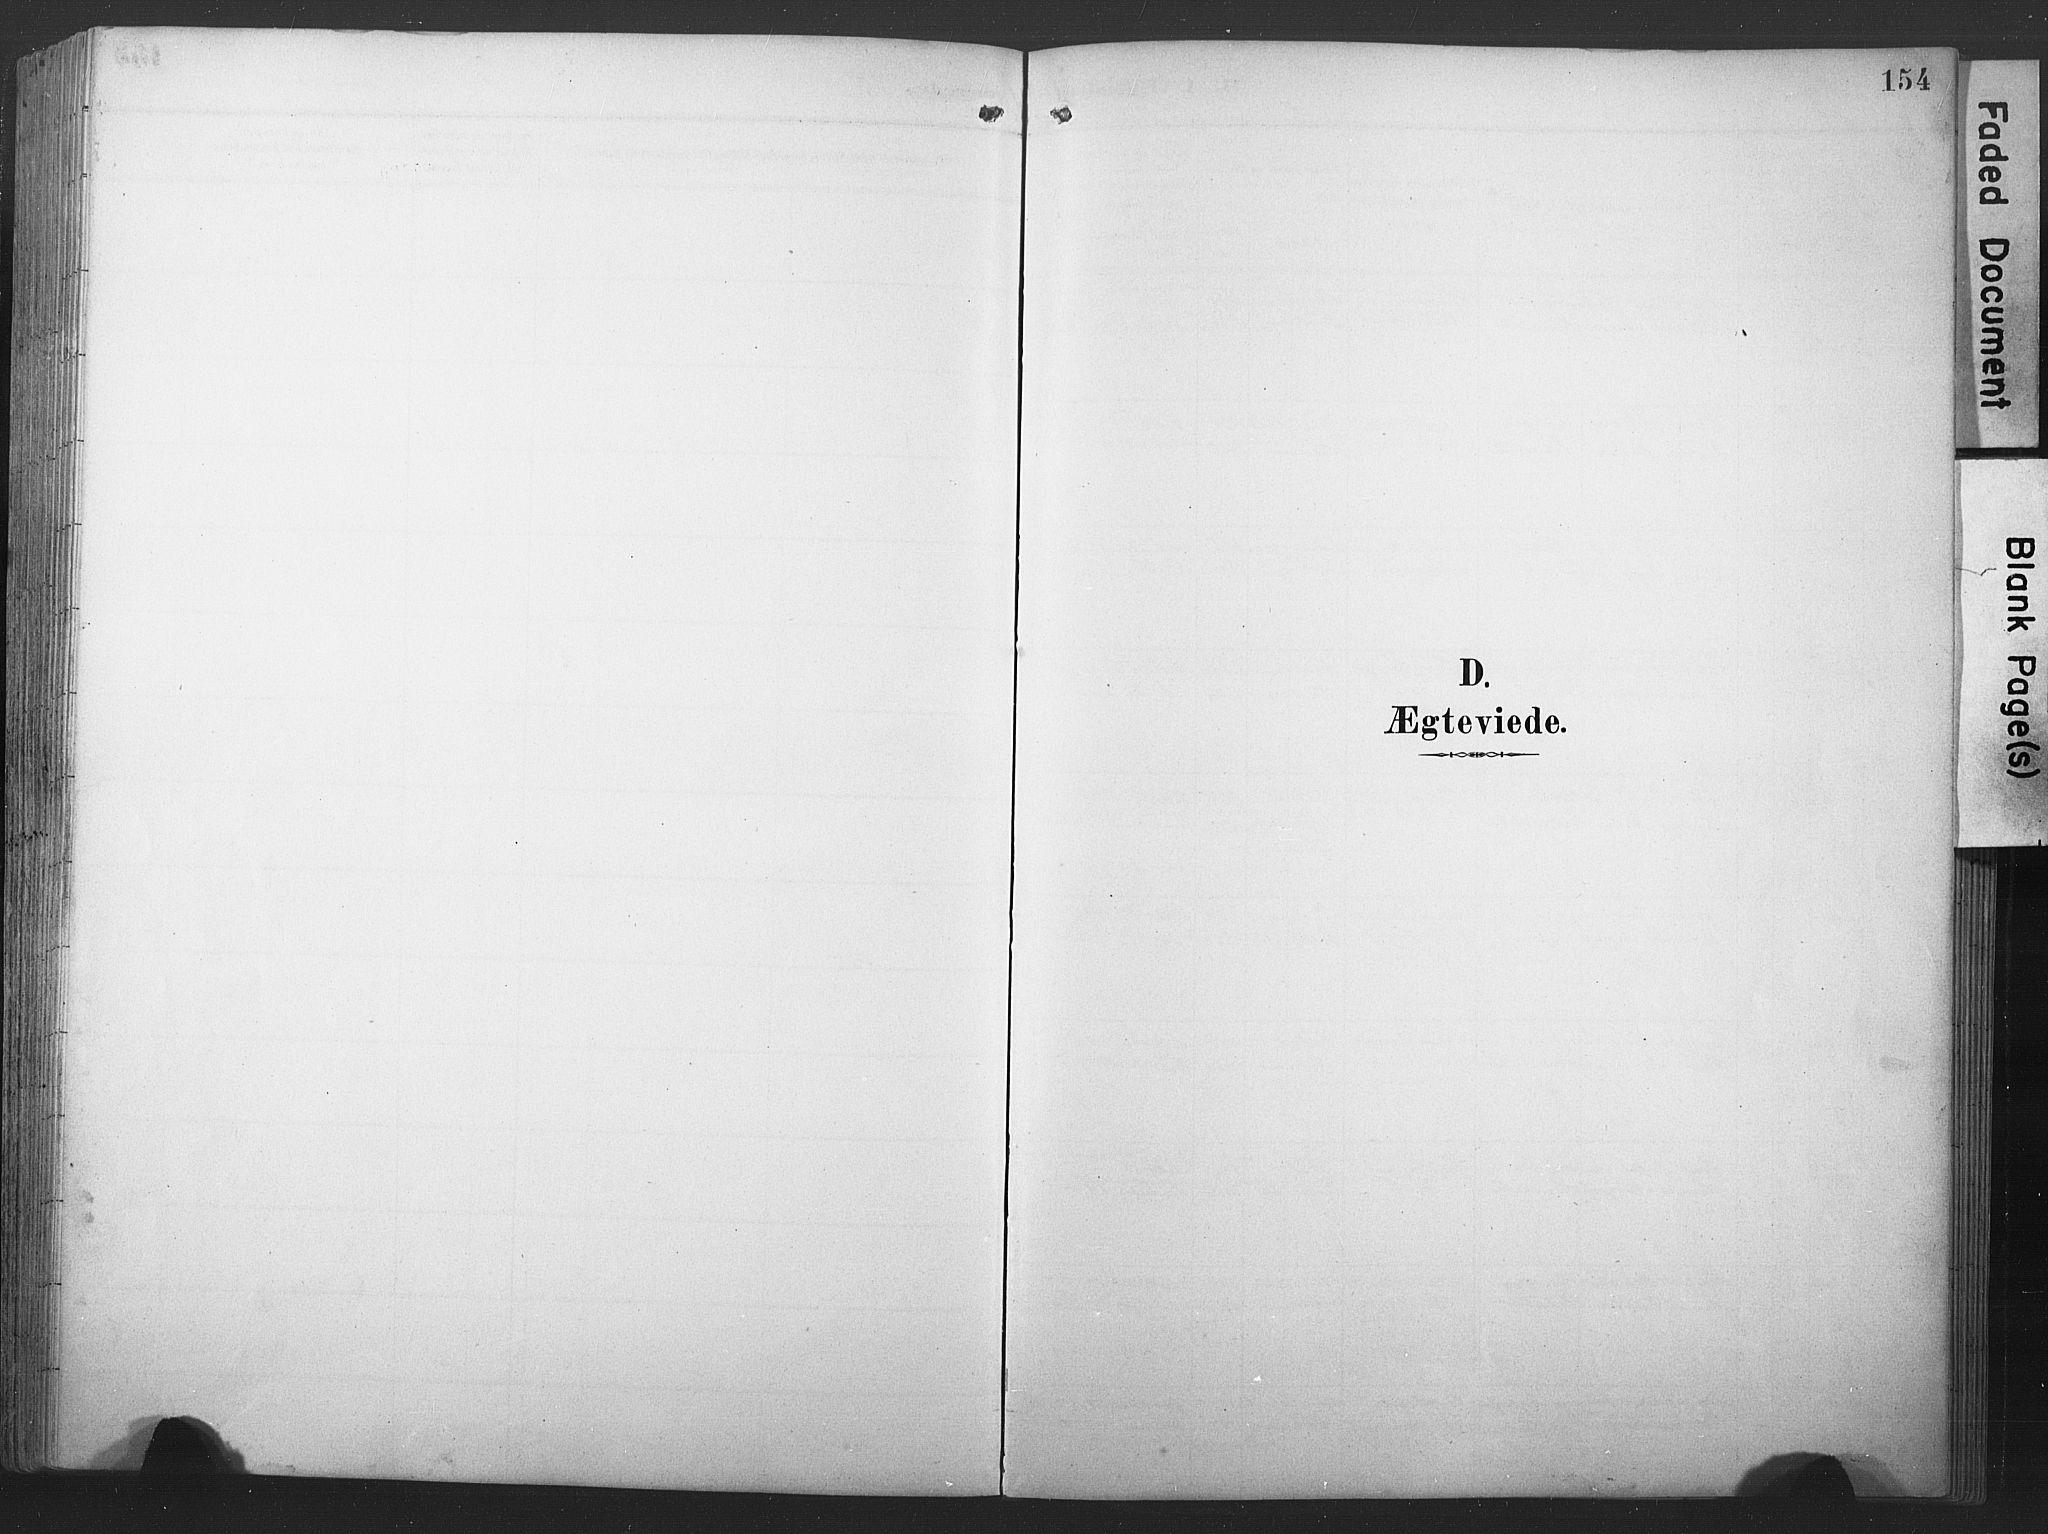 SAT, Ministerialprotokoller, klokkerbøker og fødselsregistre - Nord-Trøndelag, 789/L0706: Klokkerbok nr. 789C01, 1888-1931, s. 154